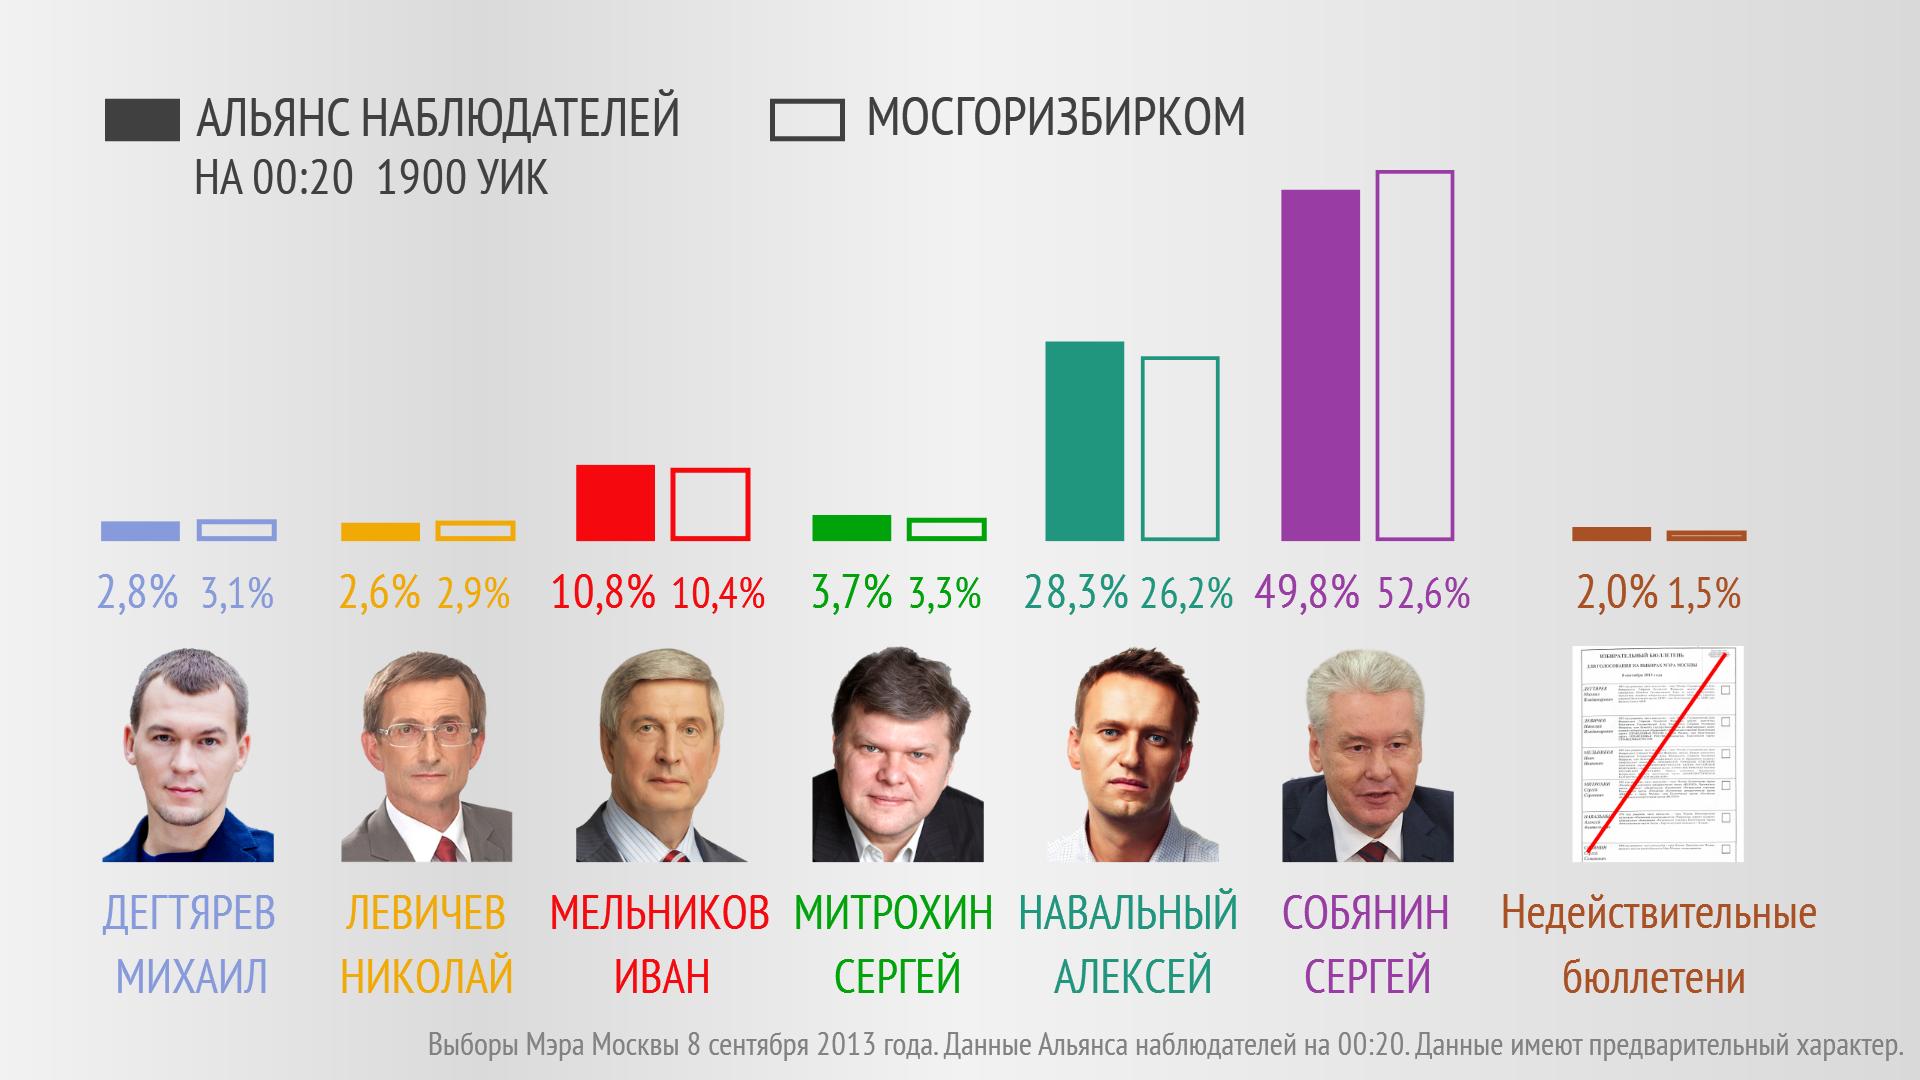 Выборы мэра москвы временная регистрация готовая медицинская книжка купить